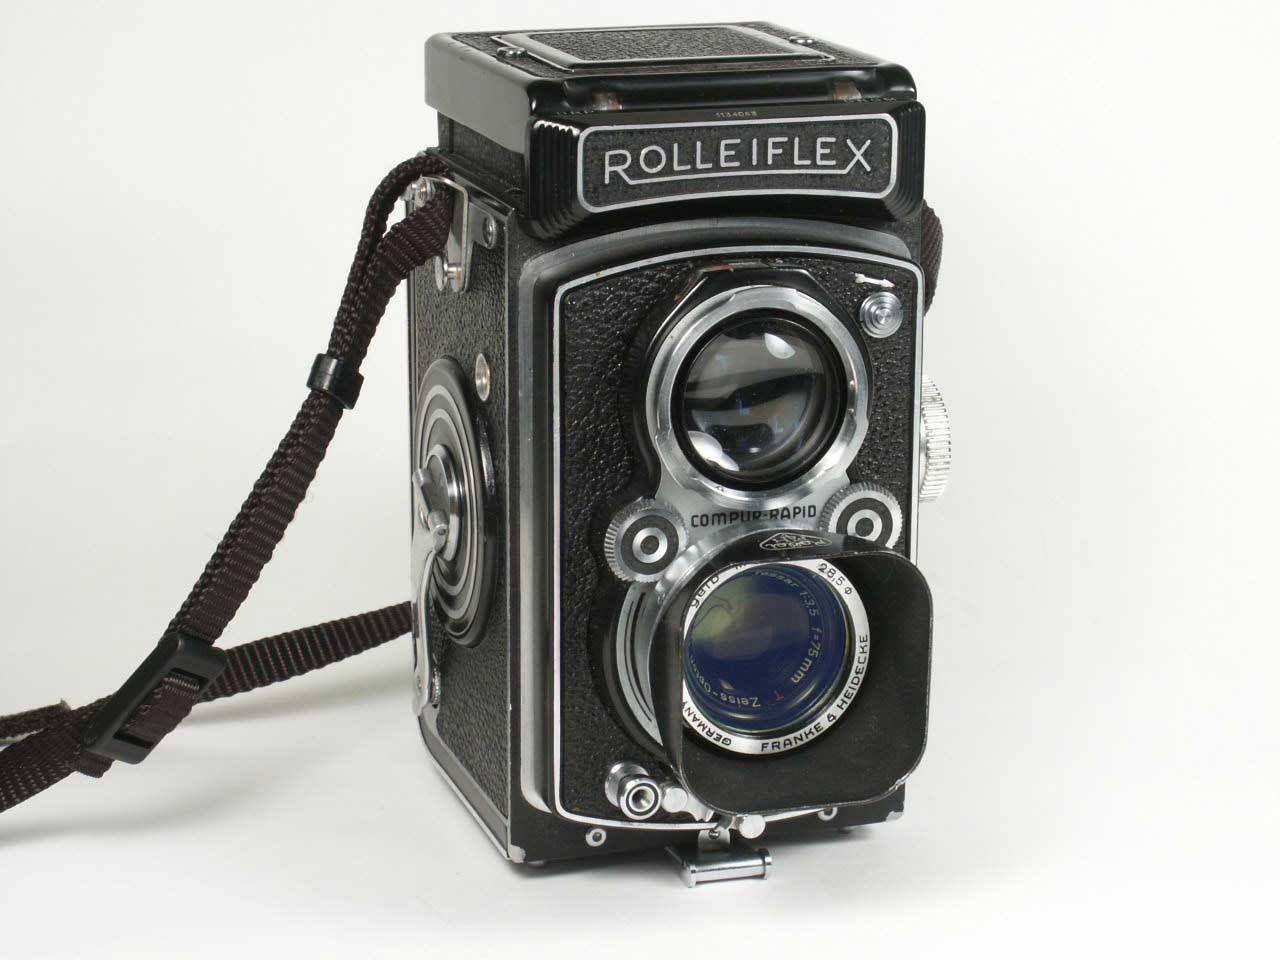 Camera | Rolleiflex camera, Antique cameras, Camera